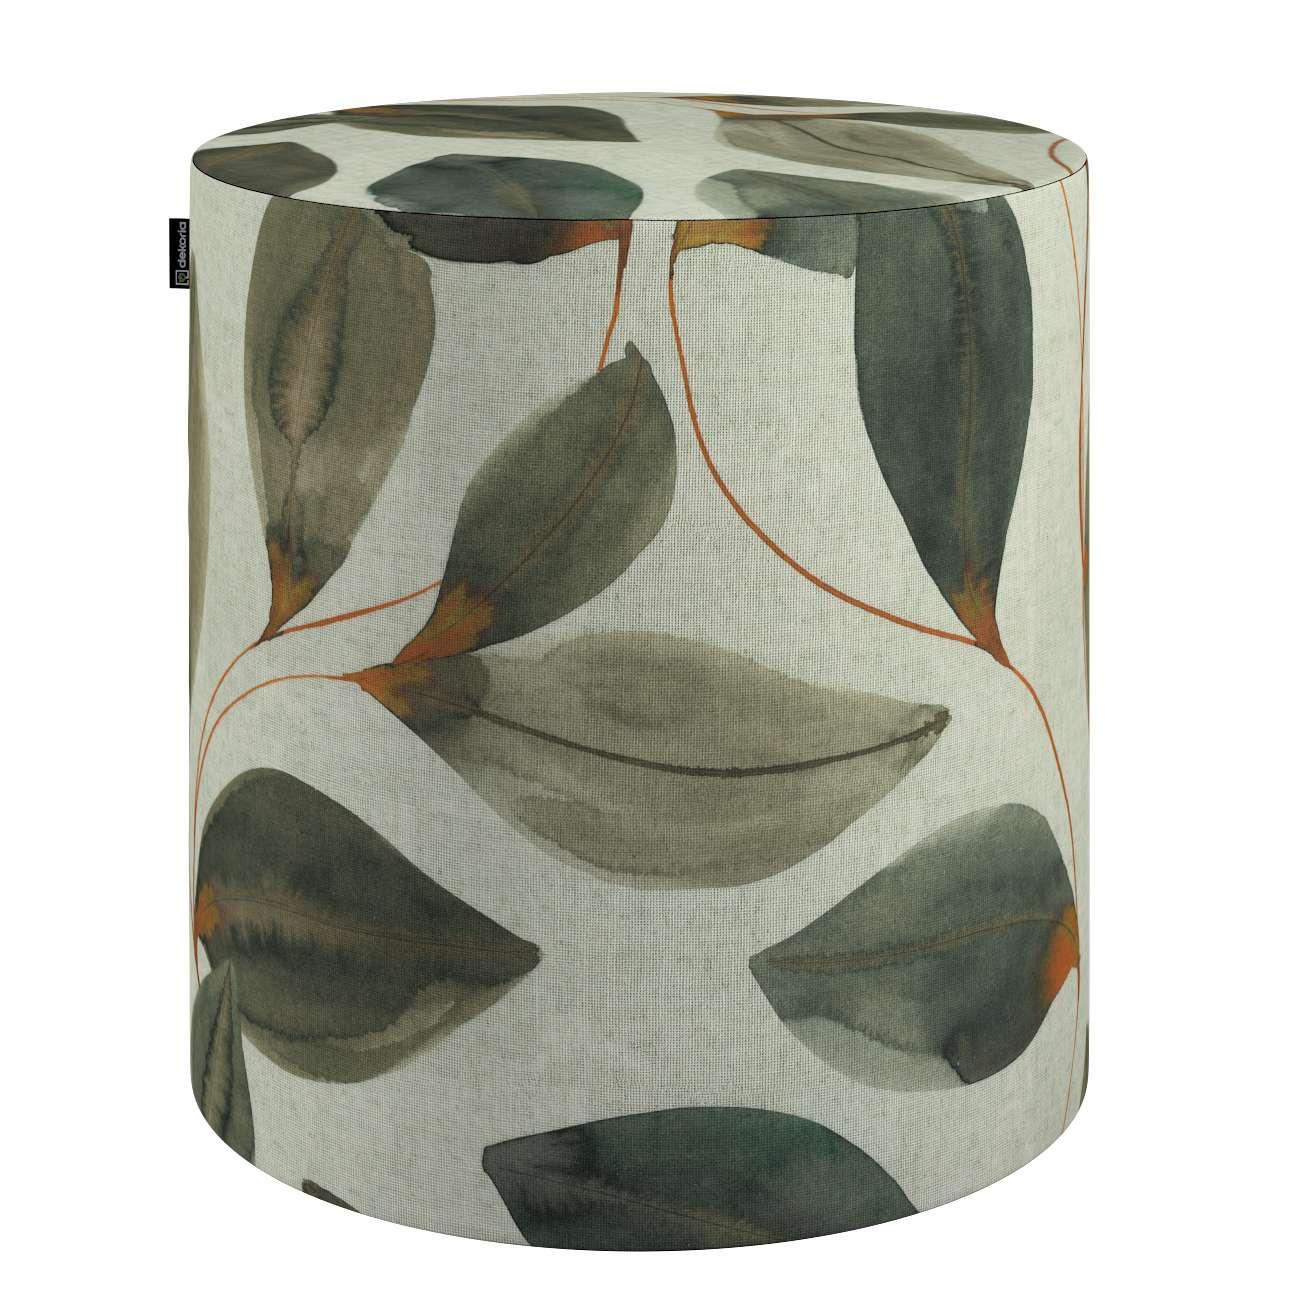 Pouf Barrel von der Kollektion Abigail, Stoff: 143-17